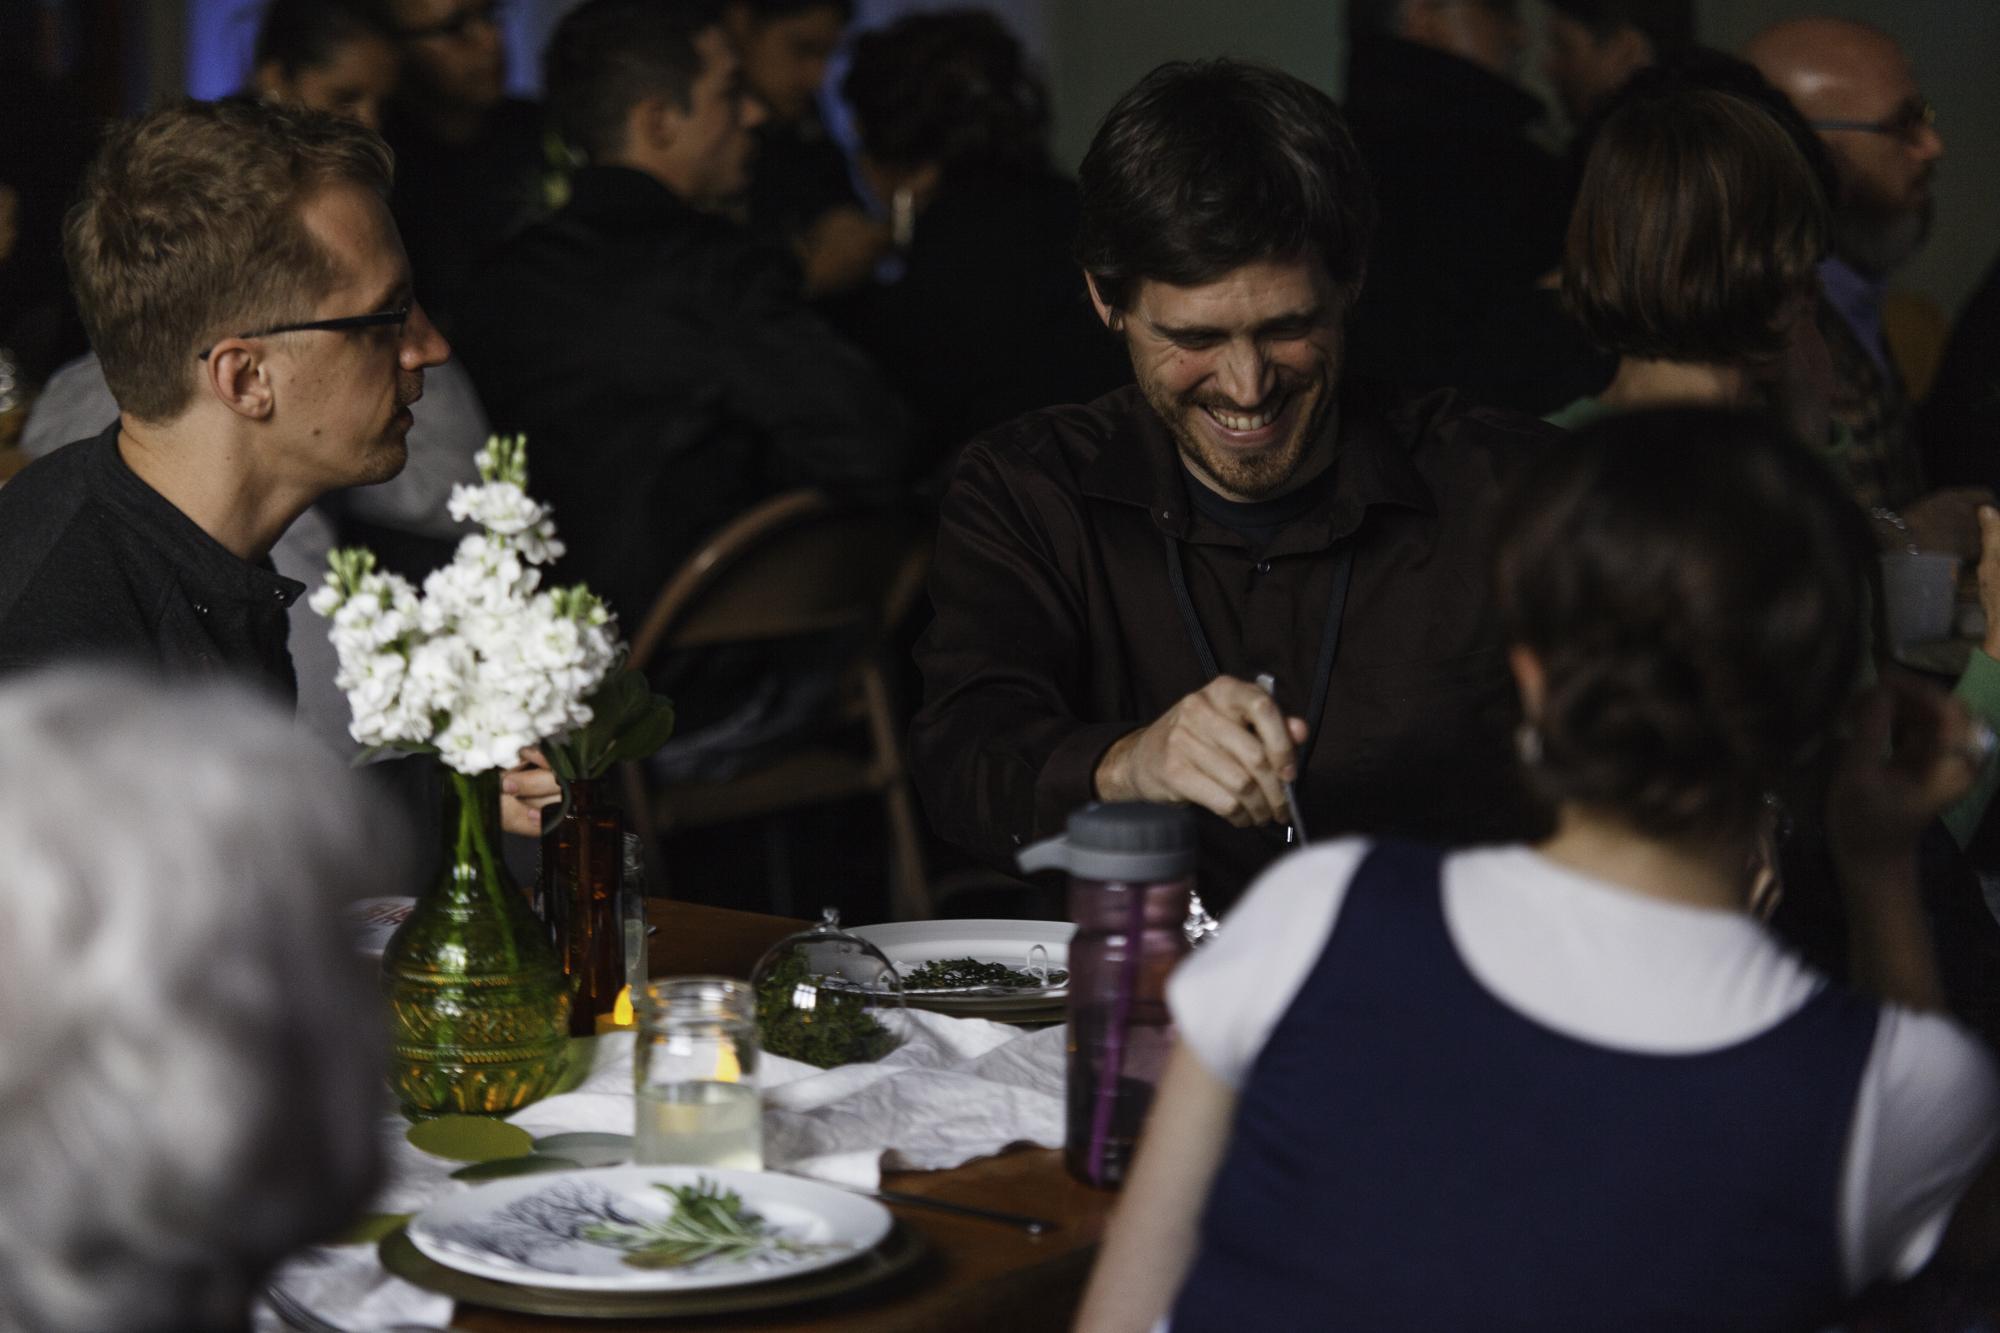 Photographs by Jonathan Stoner.takenat the Level Ground Festival's Family Dinner, 2015.